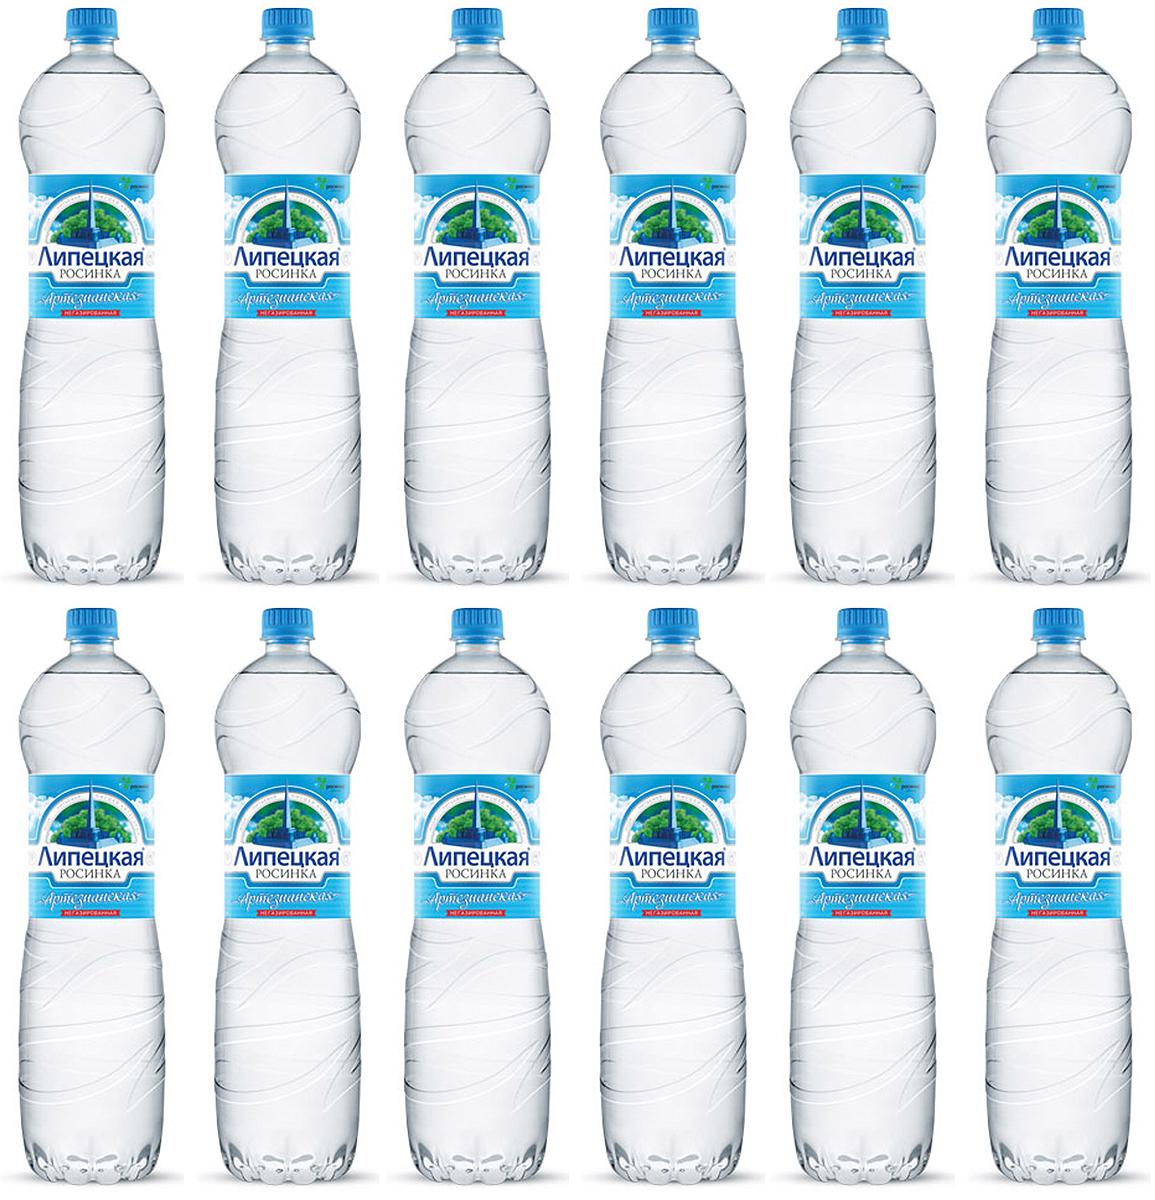 Липецкая Росинка вода негазированная, 12 штук по 0,5 л0120710Природная минеральная вода Липецкая Росинка одна из лучших по показателям не только в России, но и в мире, разливается из скважины глубиной 601 метр непосредственно на источнике. Это сохраняет в первозданном виде ее природную чистоту, особый вкус и ценные полезные свойства. Состав минералов и микроэлементов сбалансирован для ежедневного употребления. Изготовляется по ГОСТУ.